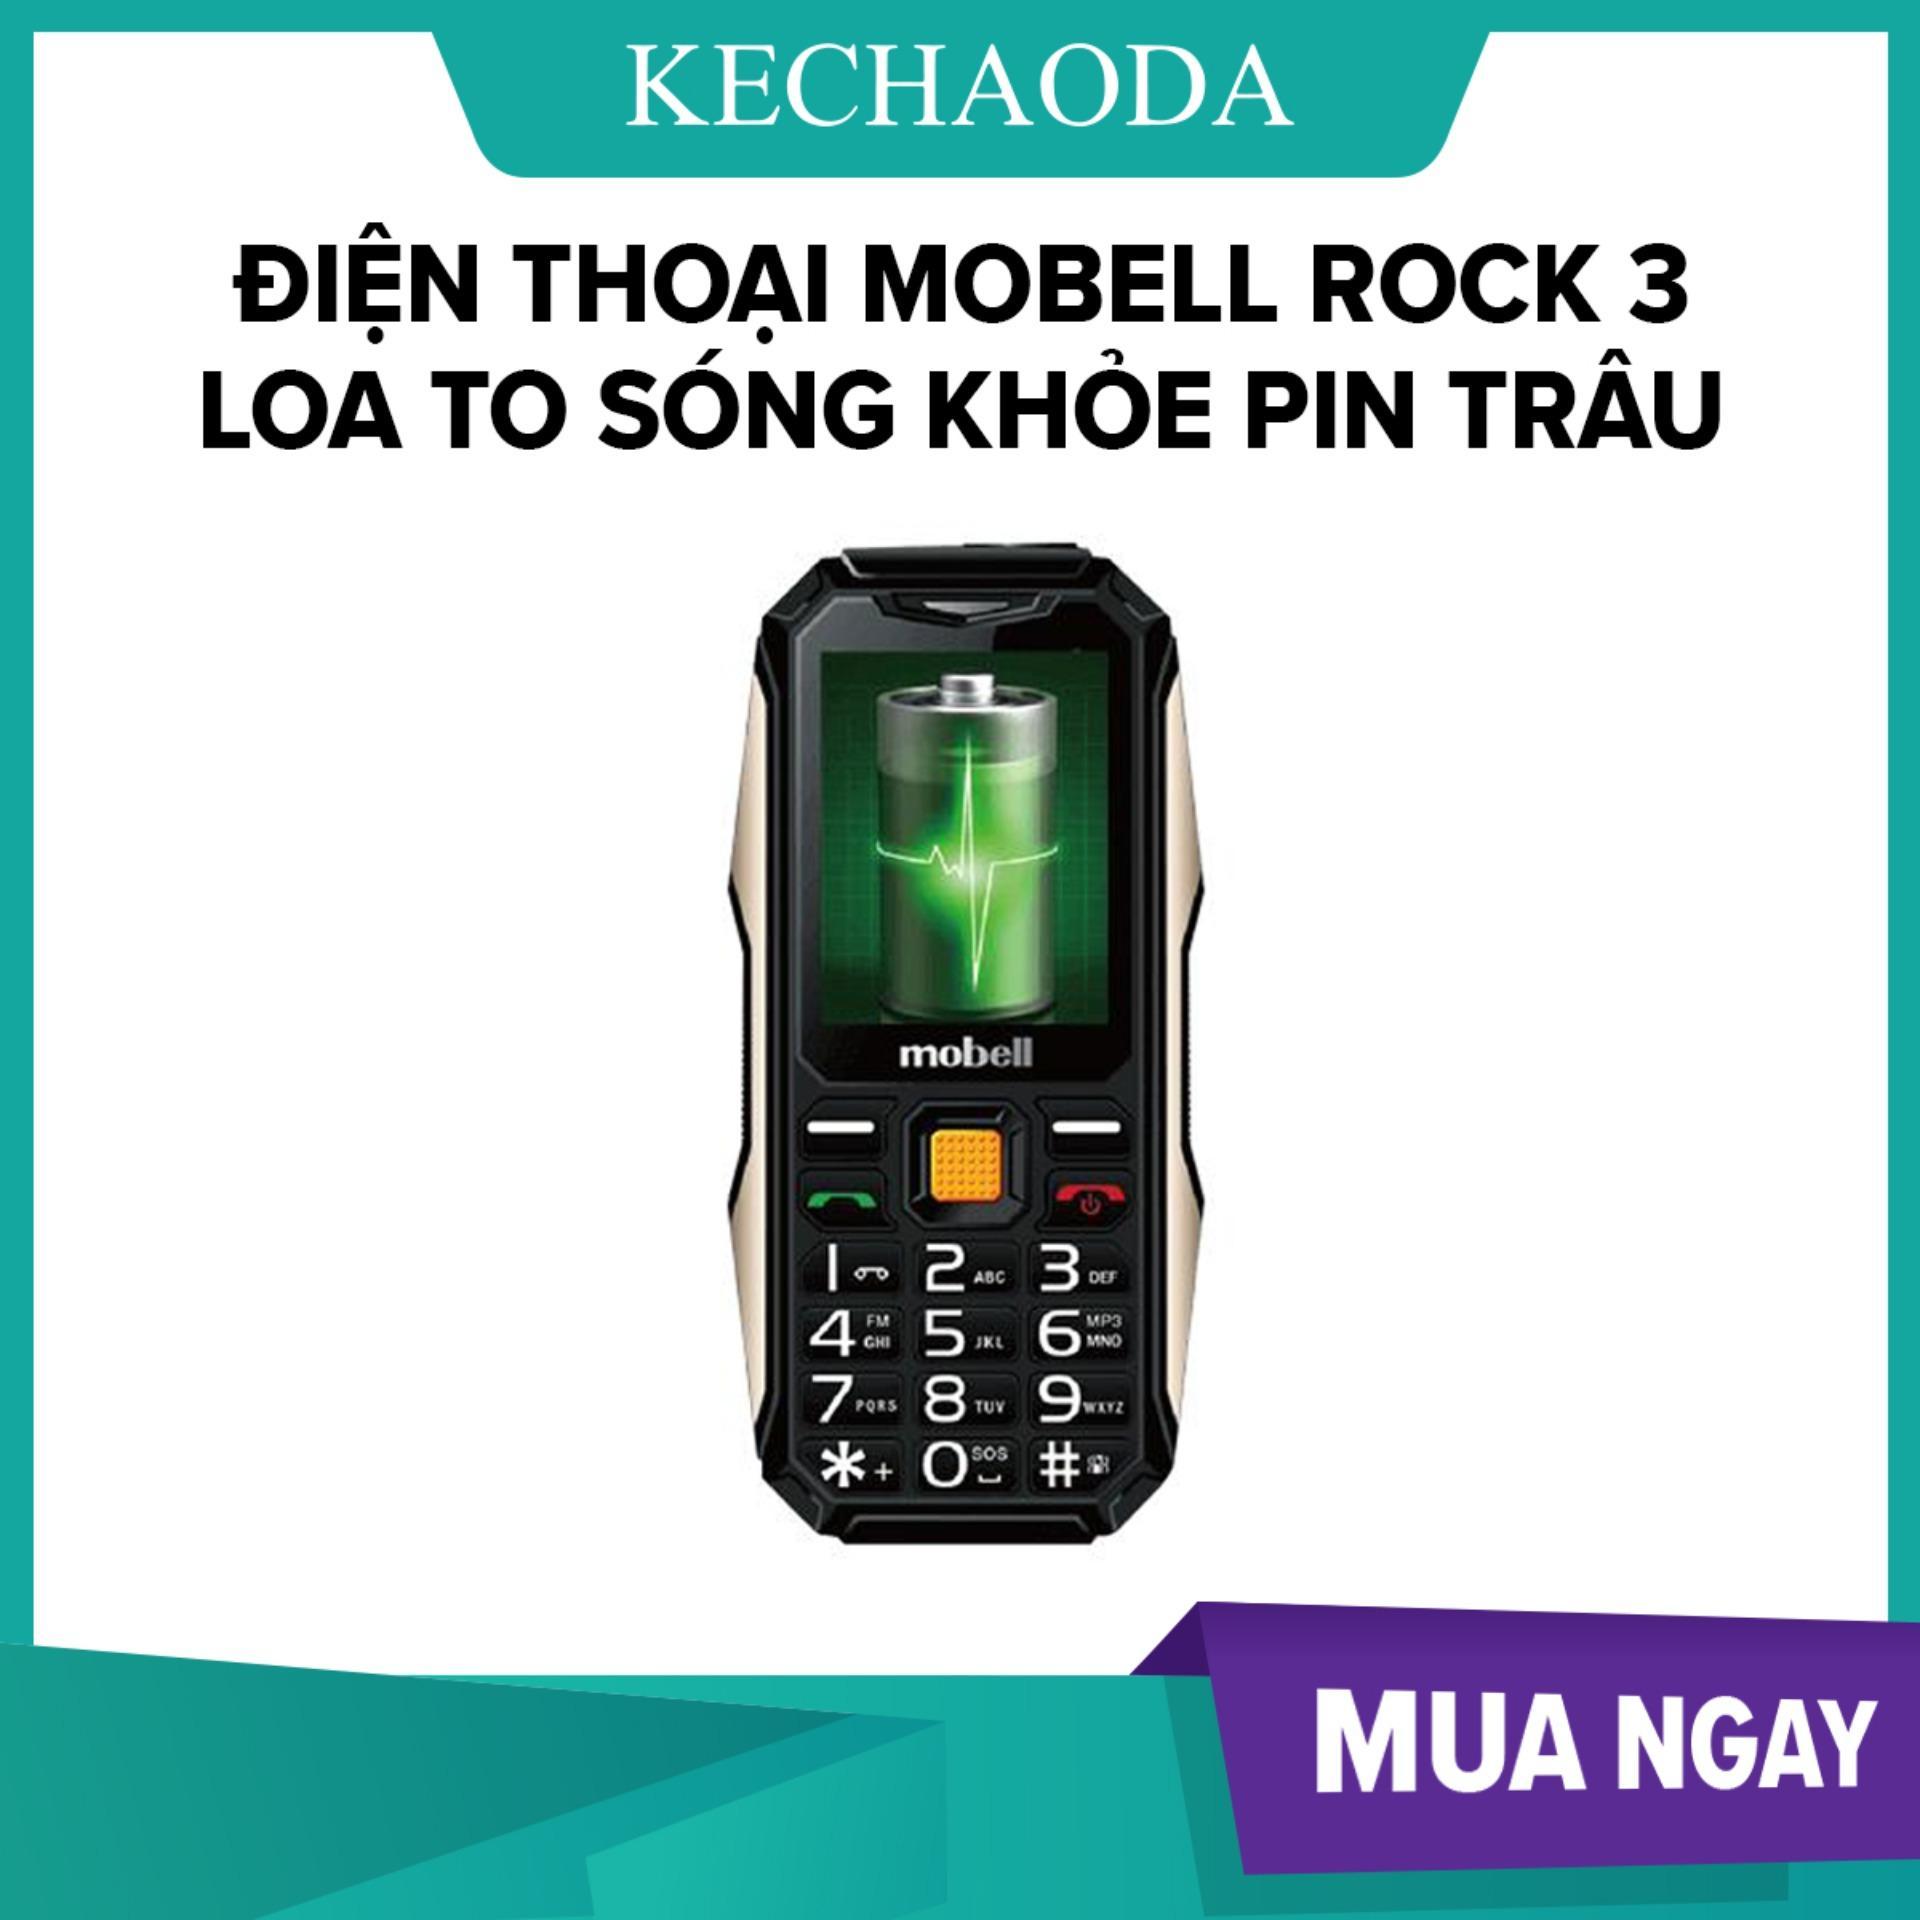 Điện thoại Mobell Rock 3 loa to sóng khỏe pin trâu